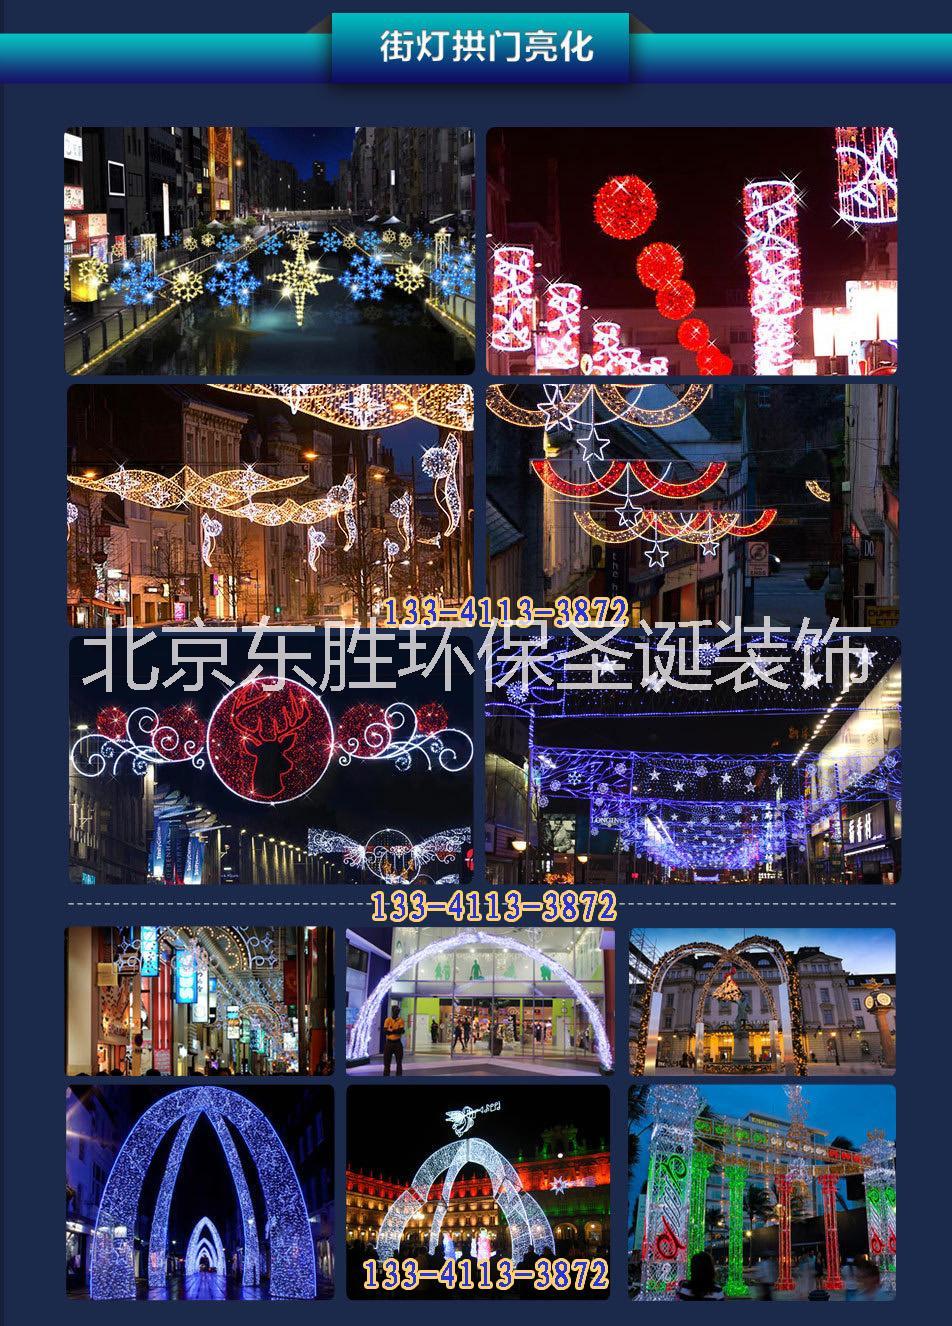 供应用于装饰物的北京大型圣诞树 圣诞设计 圣诞装饰 灯饰画